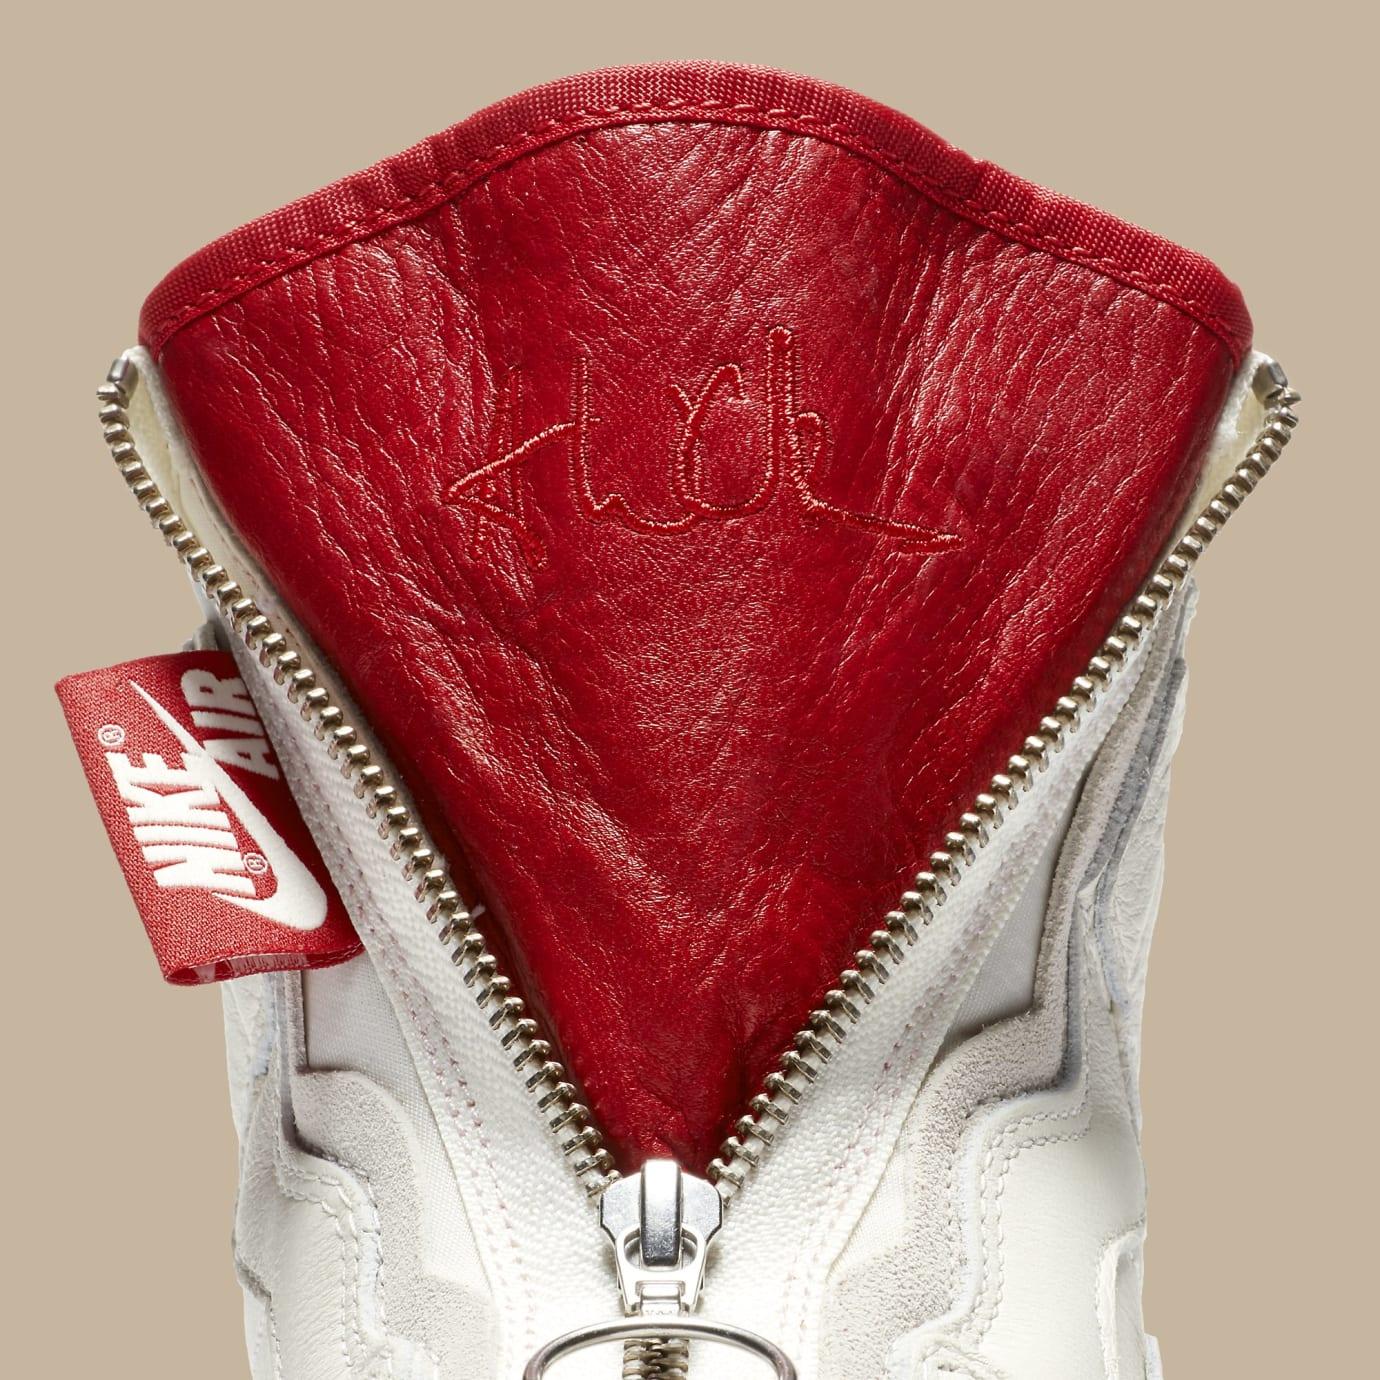 05695c3ba350 Vogue x WMNS Air Jordan 1 Hi Zip  AWOK  BQ0864-106 BQ0864-601 ...